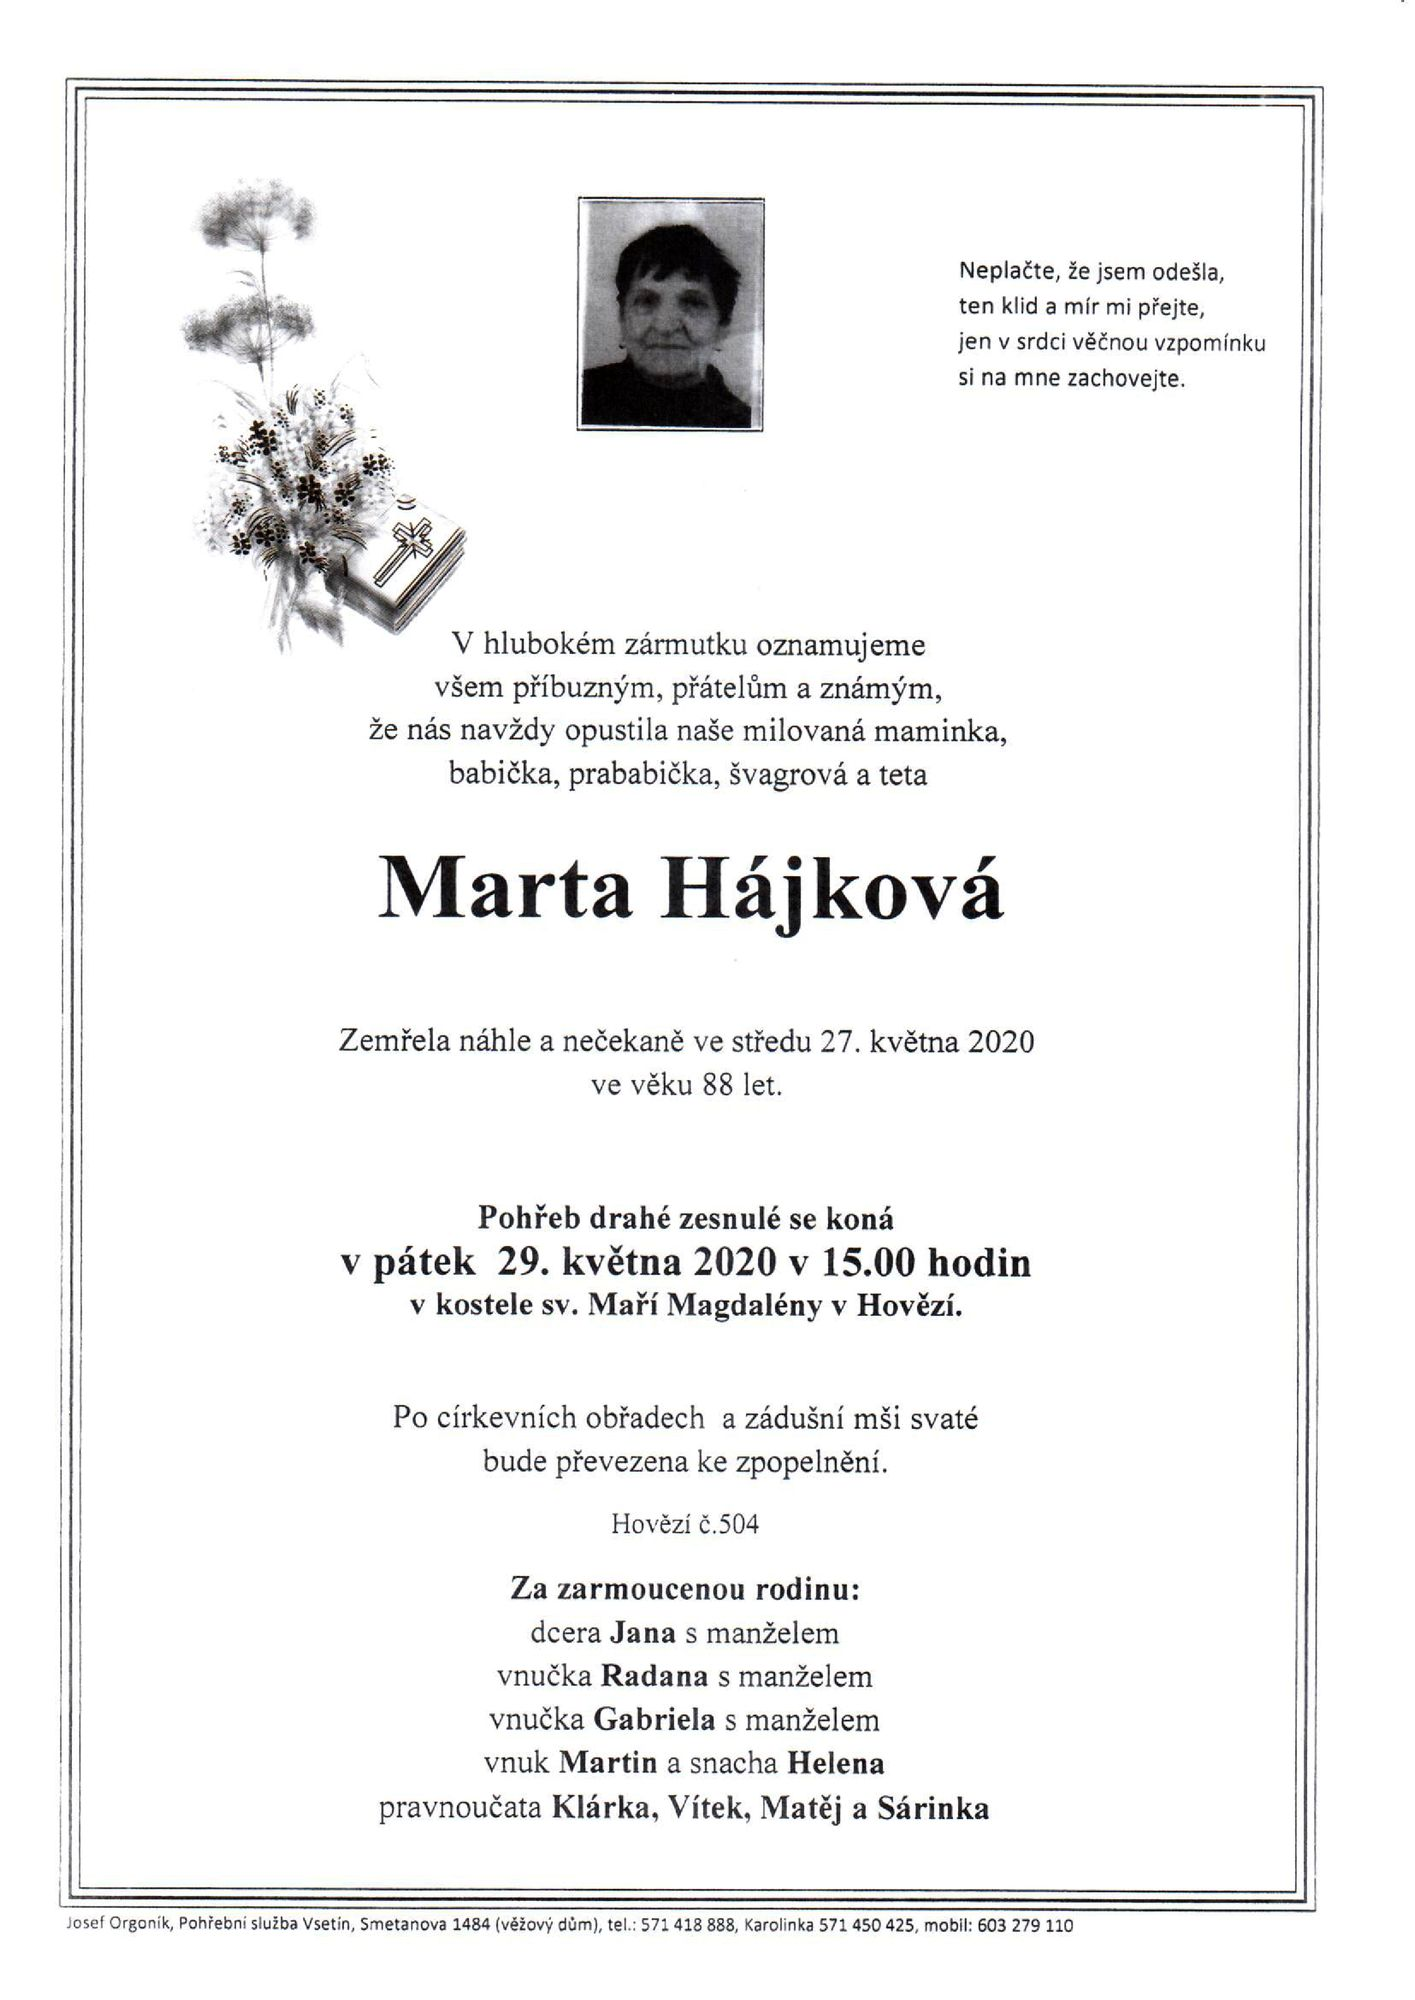 Marta Hájková